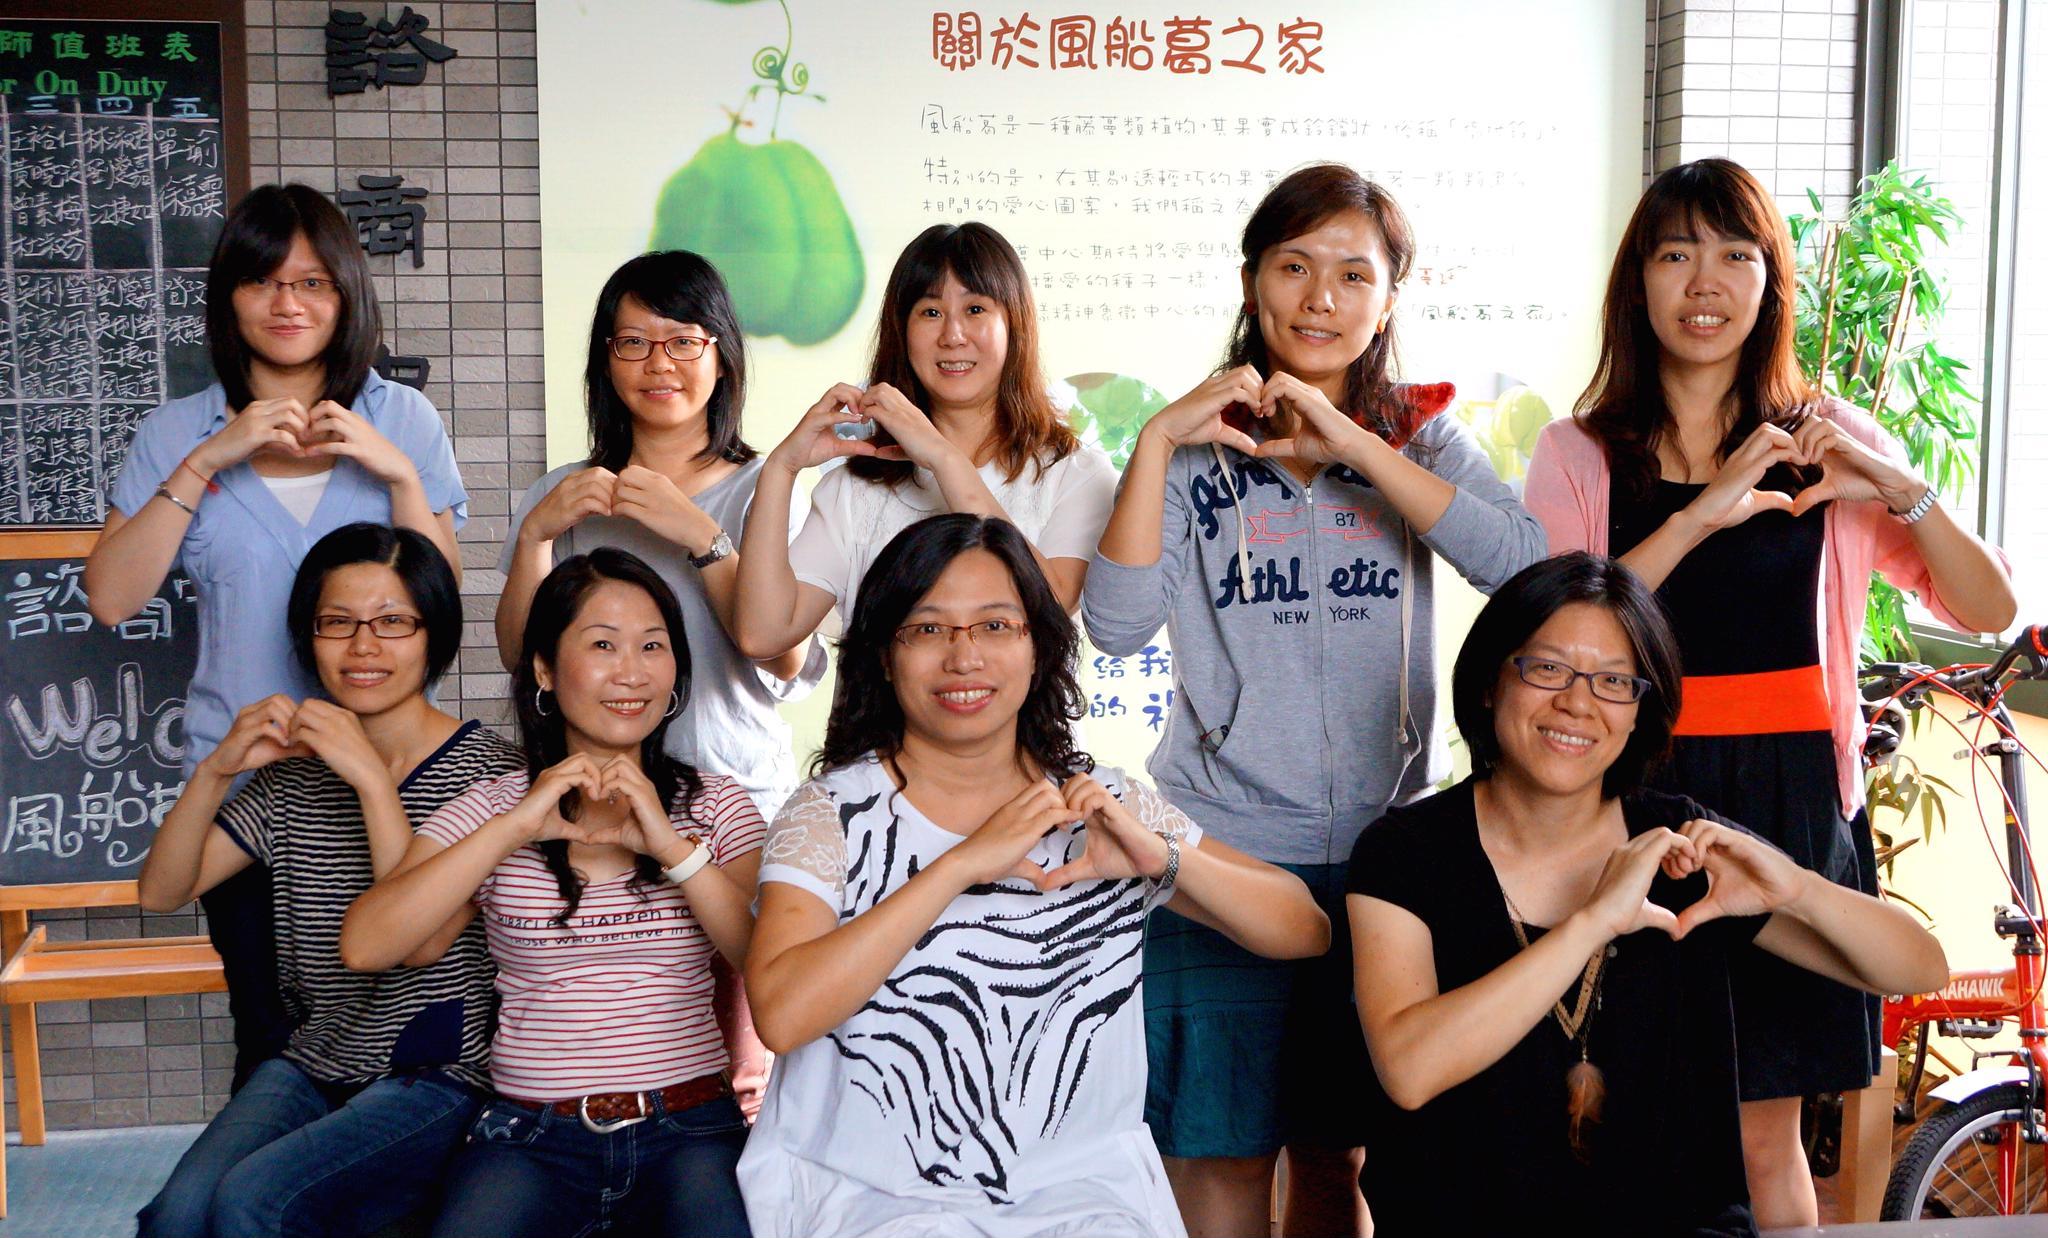 賀! 中原大學榮獲103年度大專院校輔導工作績優學校